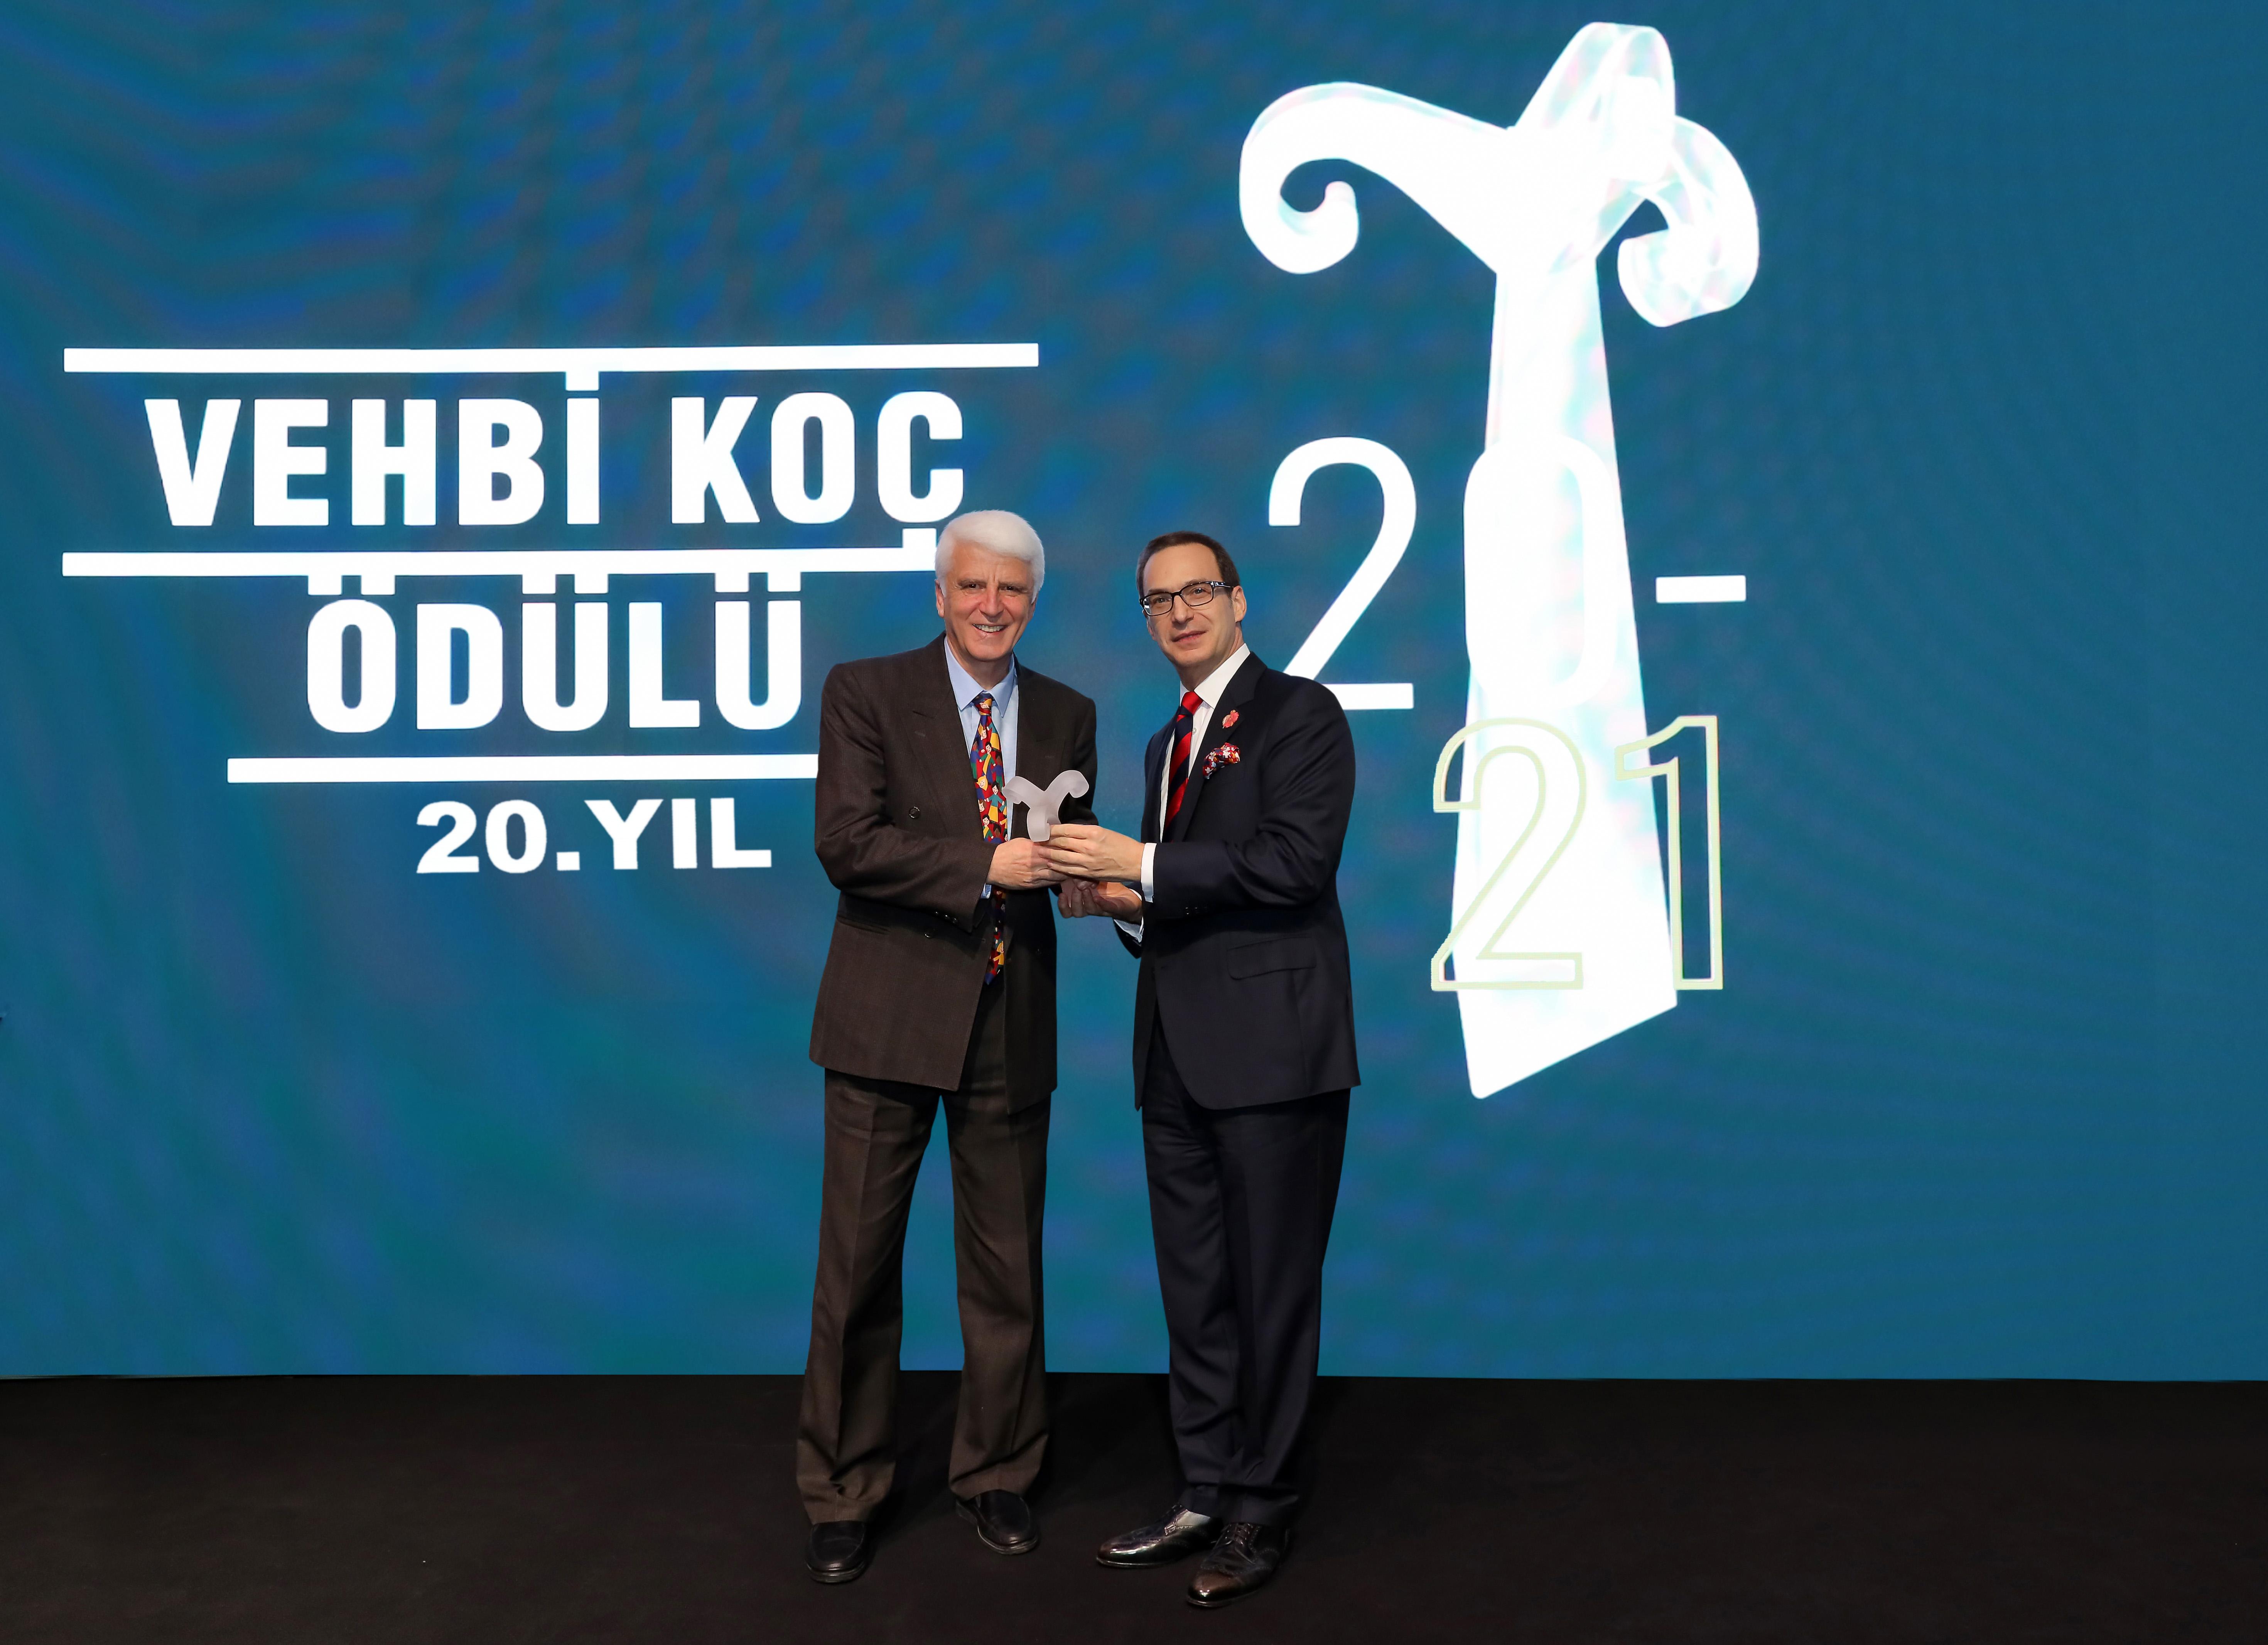 Prof. Dr. Hüseyin Vural 20. Vehbi Koç Ödülü'nün sahibi oldu